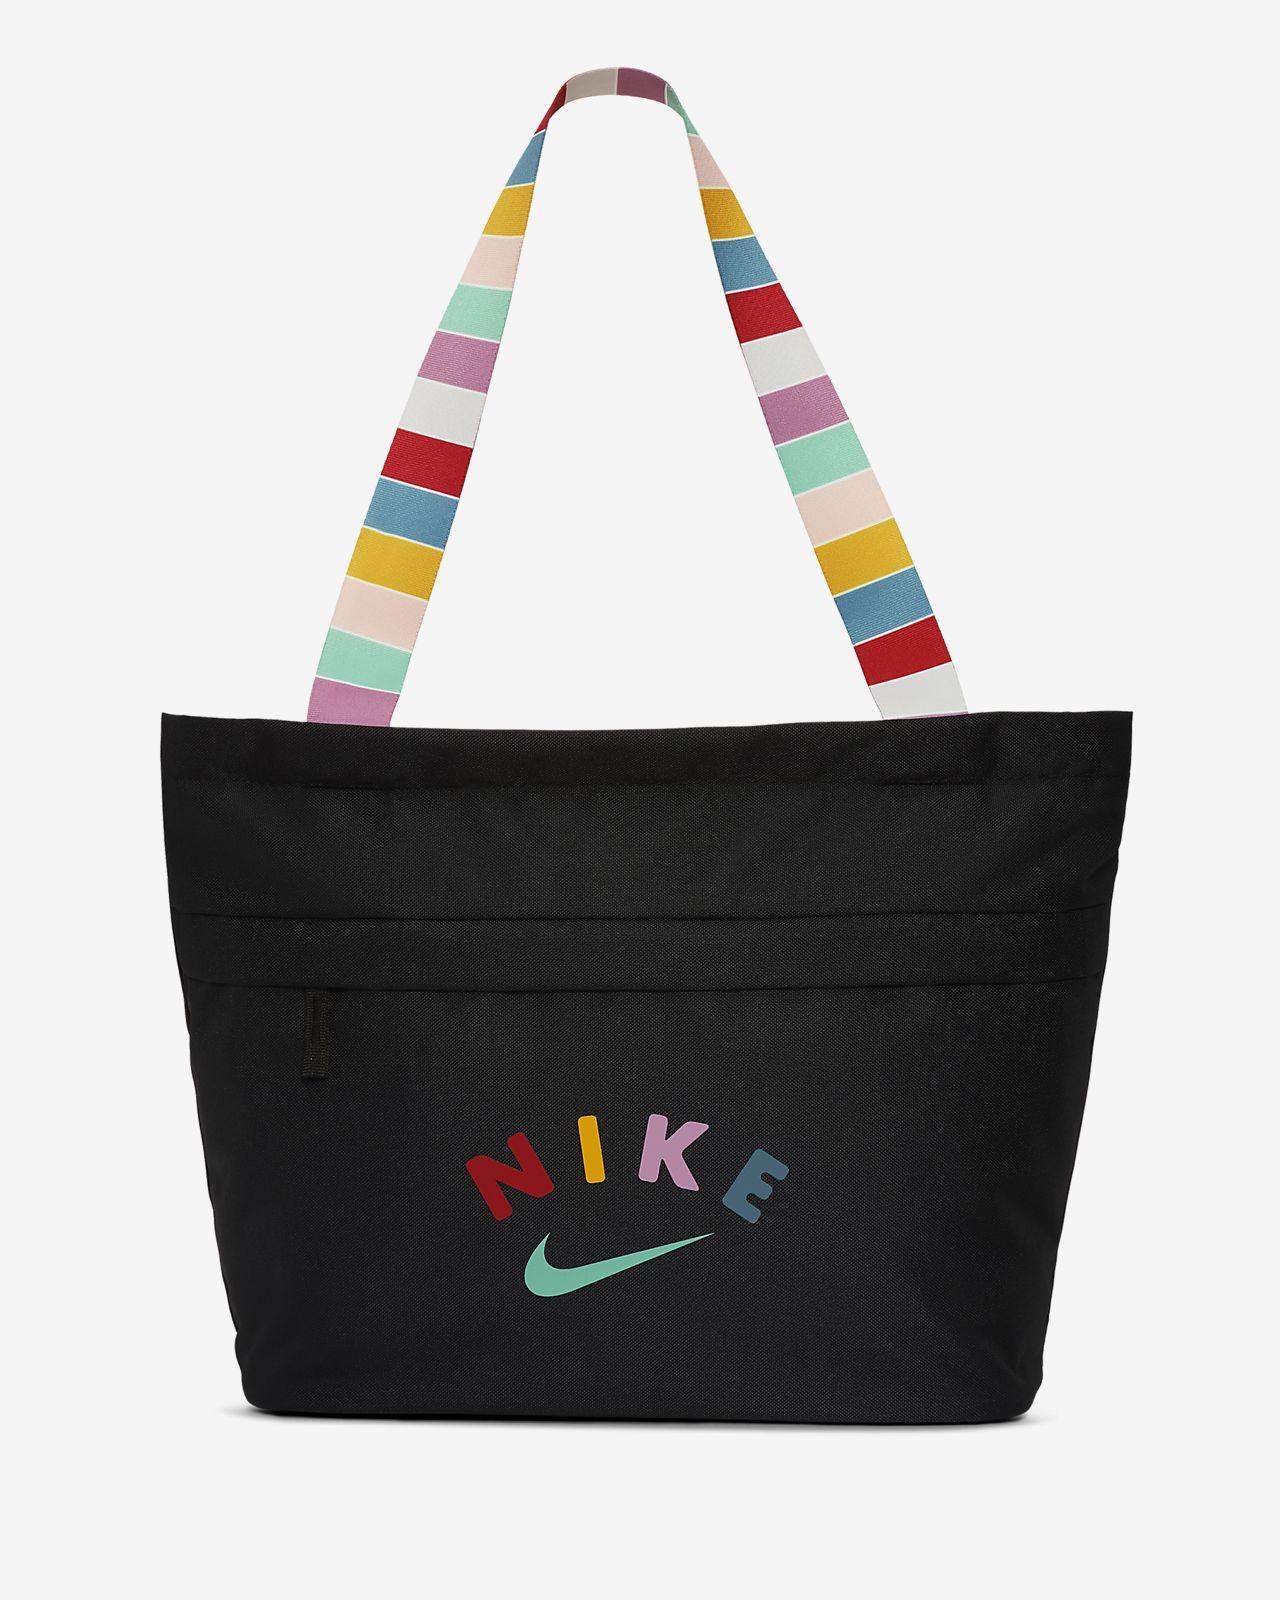 Nike Tanjun 儿童托特包